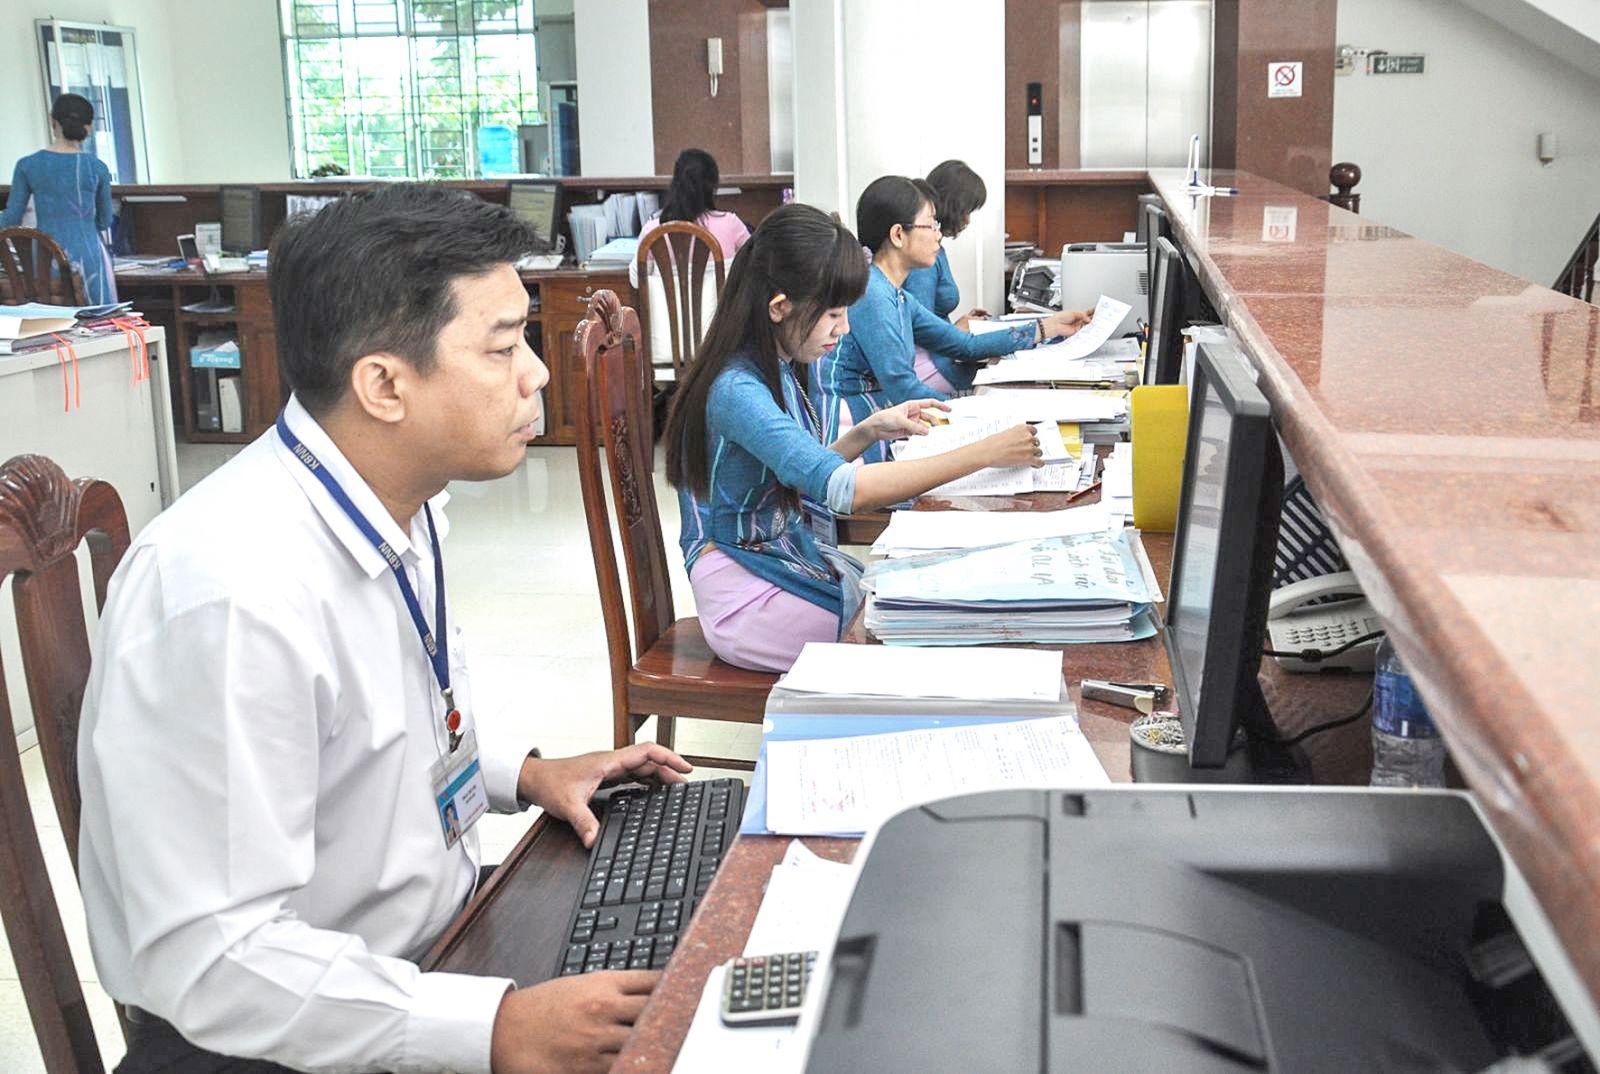 Thực hiện dịch vụ công trực tuyến của hệ thống KBNN, cán bộ công chức KBNN Cần Thơ xử lý thủ tục hành chính của các cơ quan, đơn vị qua mạng. Ảnh: ANH DŨNG